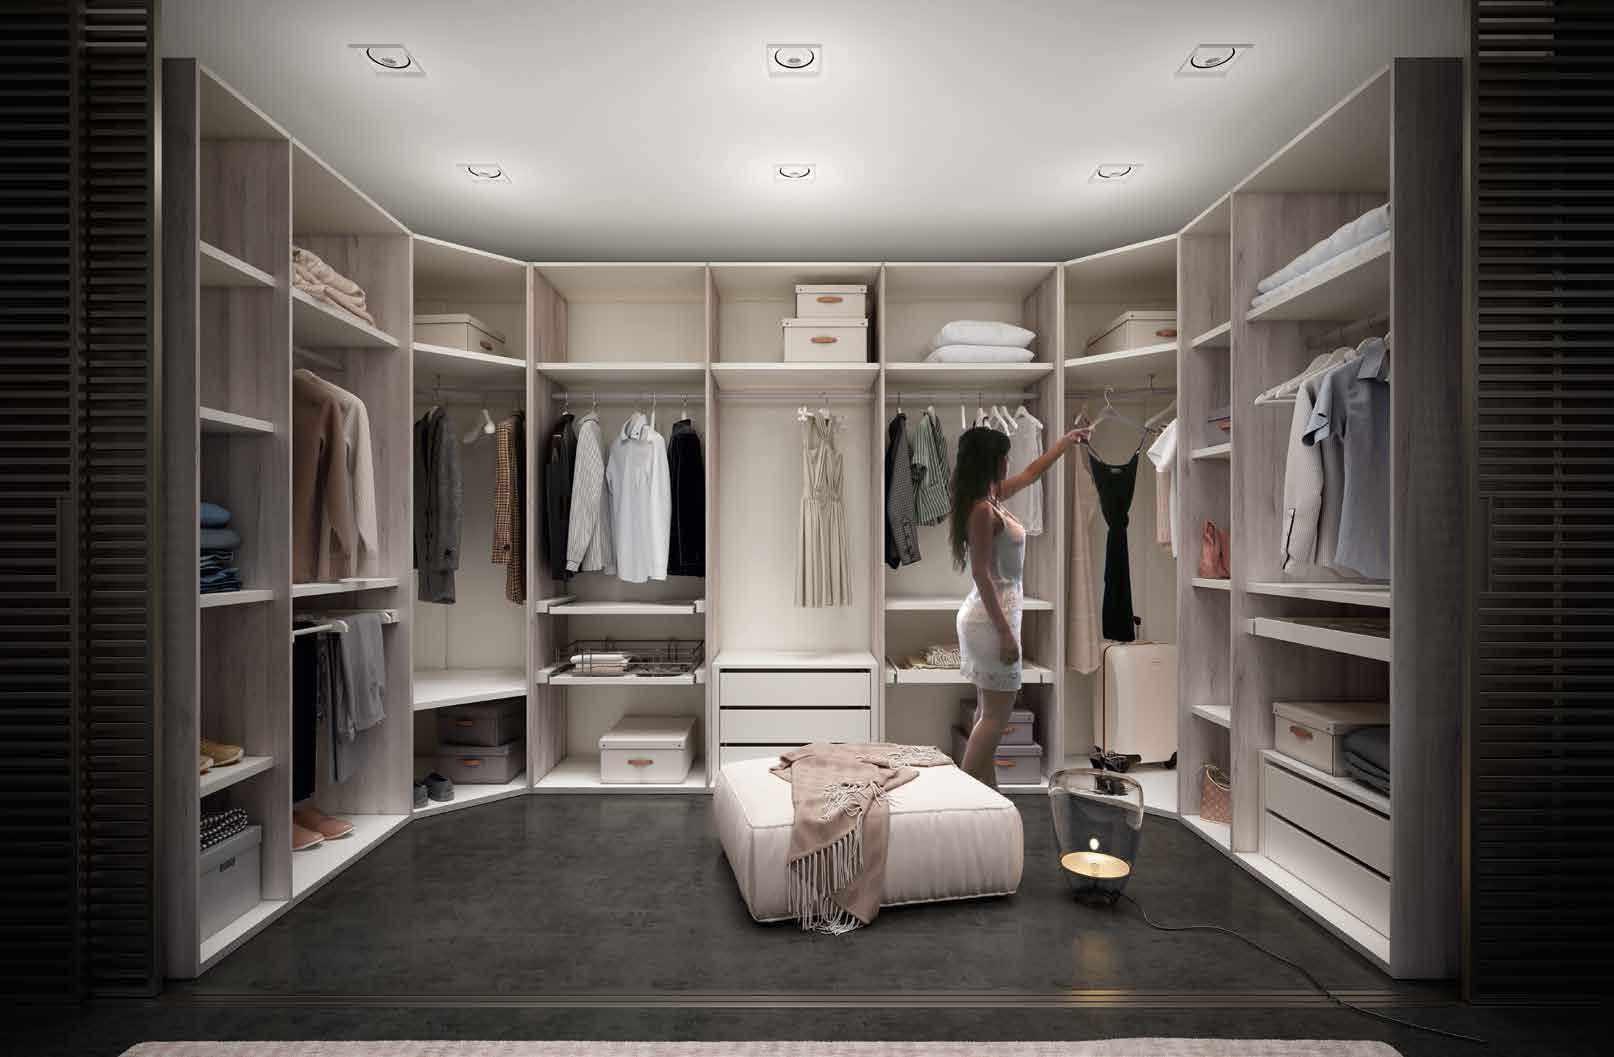 creta-dormitorio-armarios-04-1